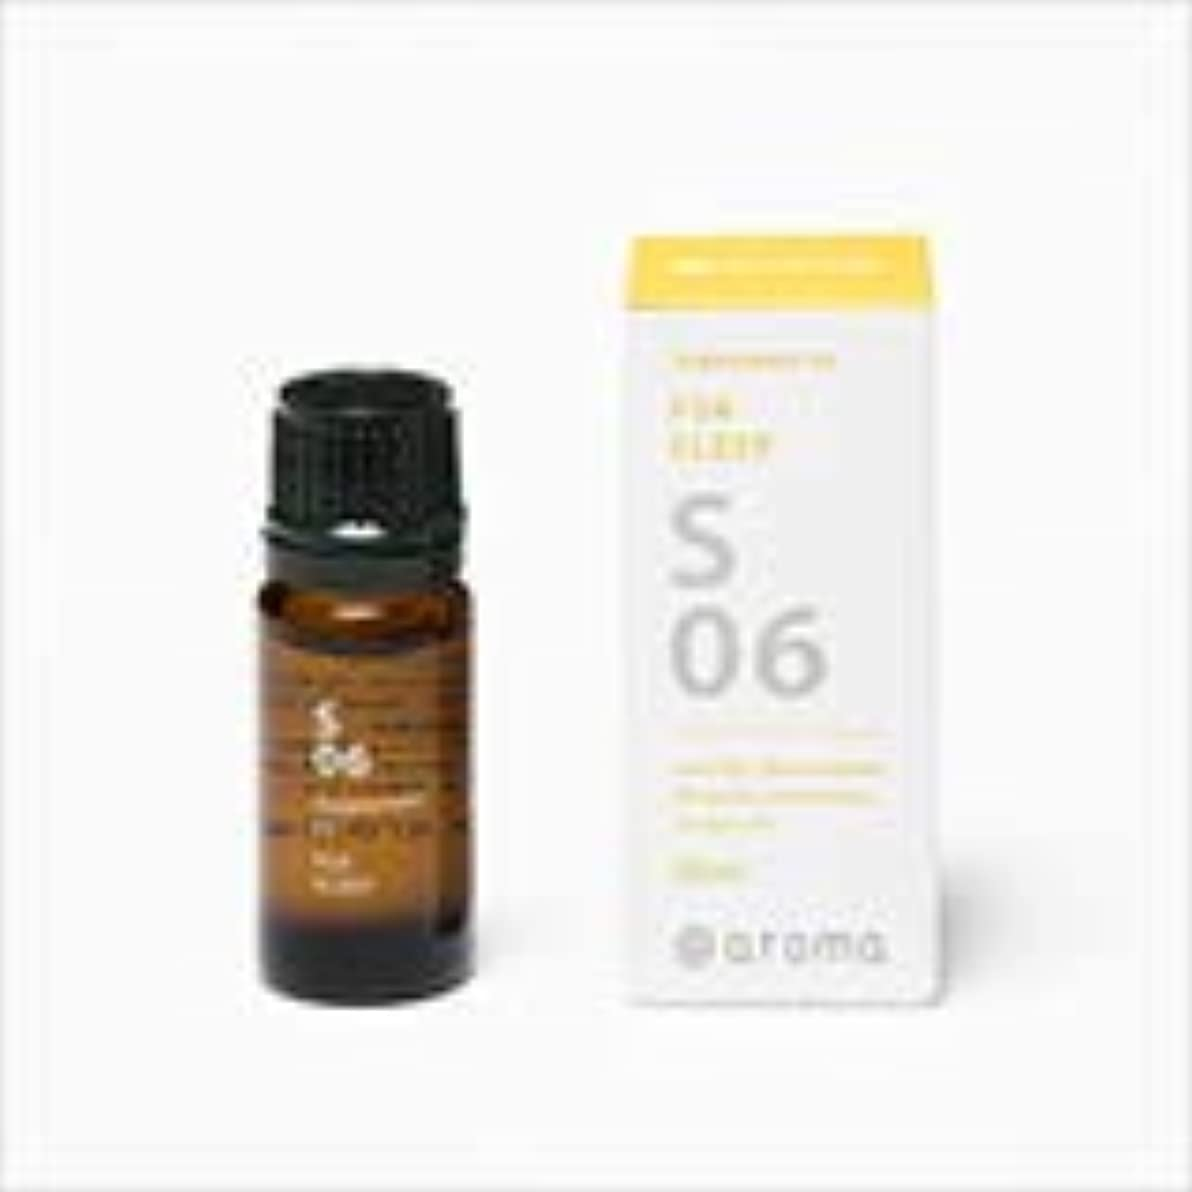 恐ろしいです親指掘るアットアロマ 100%pure essential oil <Supplement air スリープ>